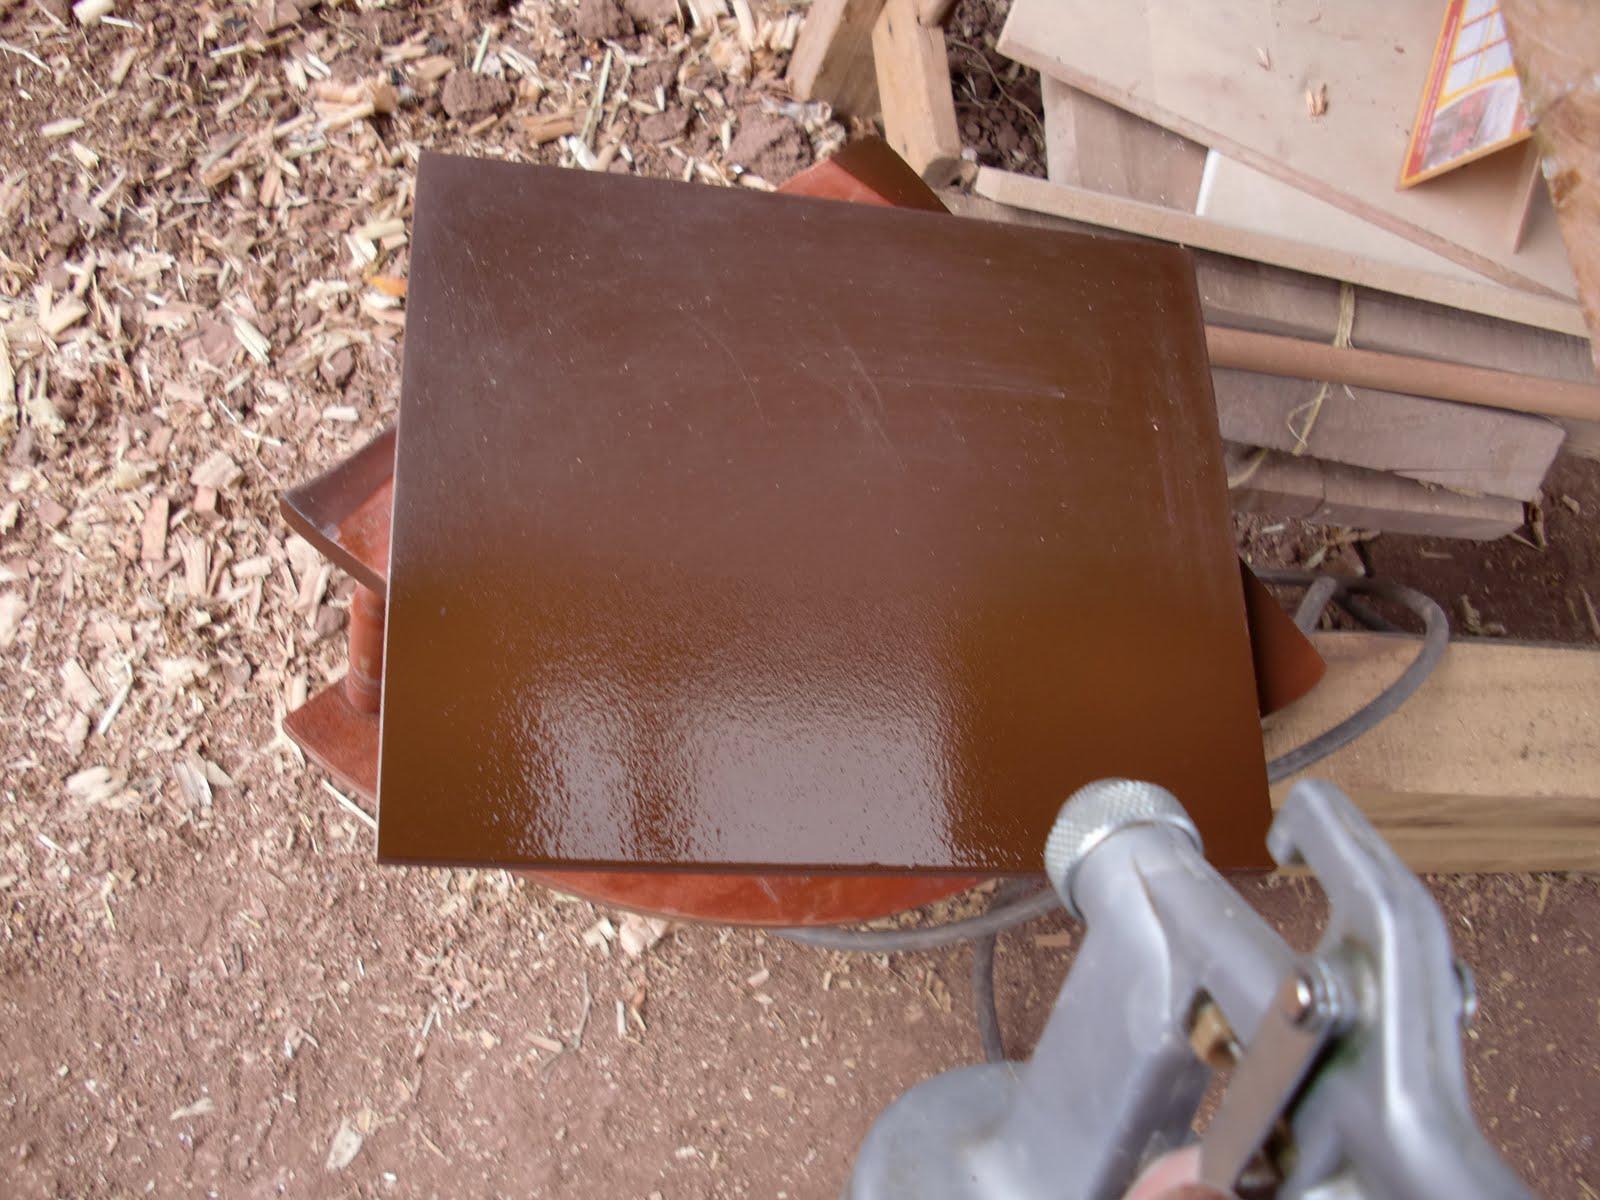 Decoraciones manualidades en madera mdf color chocolate - Pintura blanca para madera ...